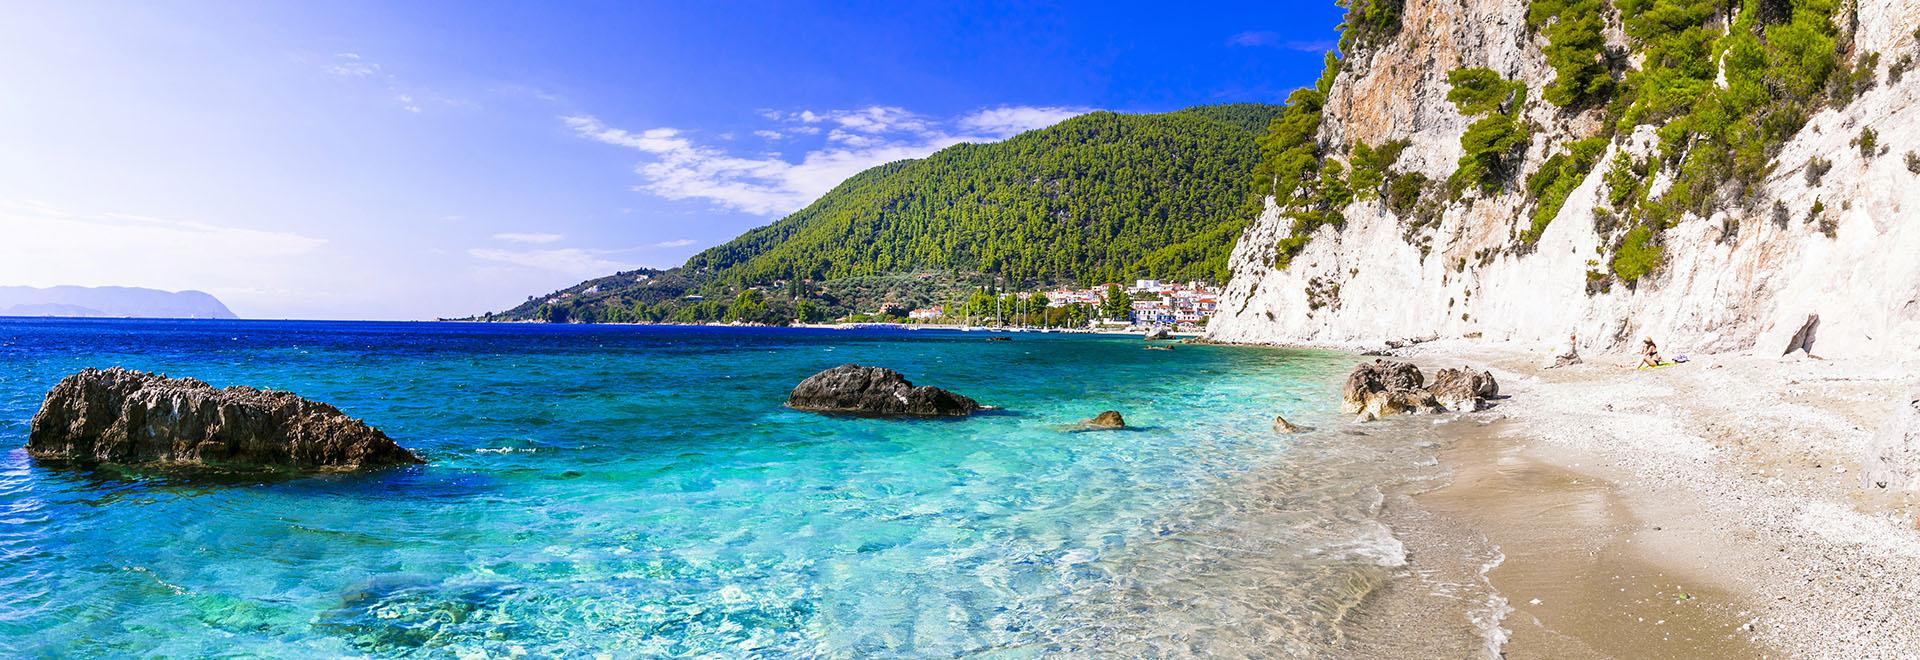 beautiful Skopelos island - picturesque  Hovolos beach. Sporades